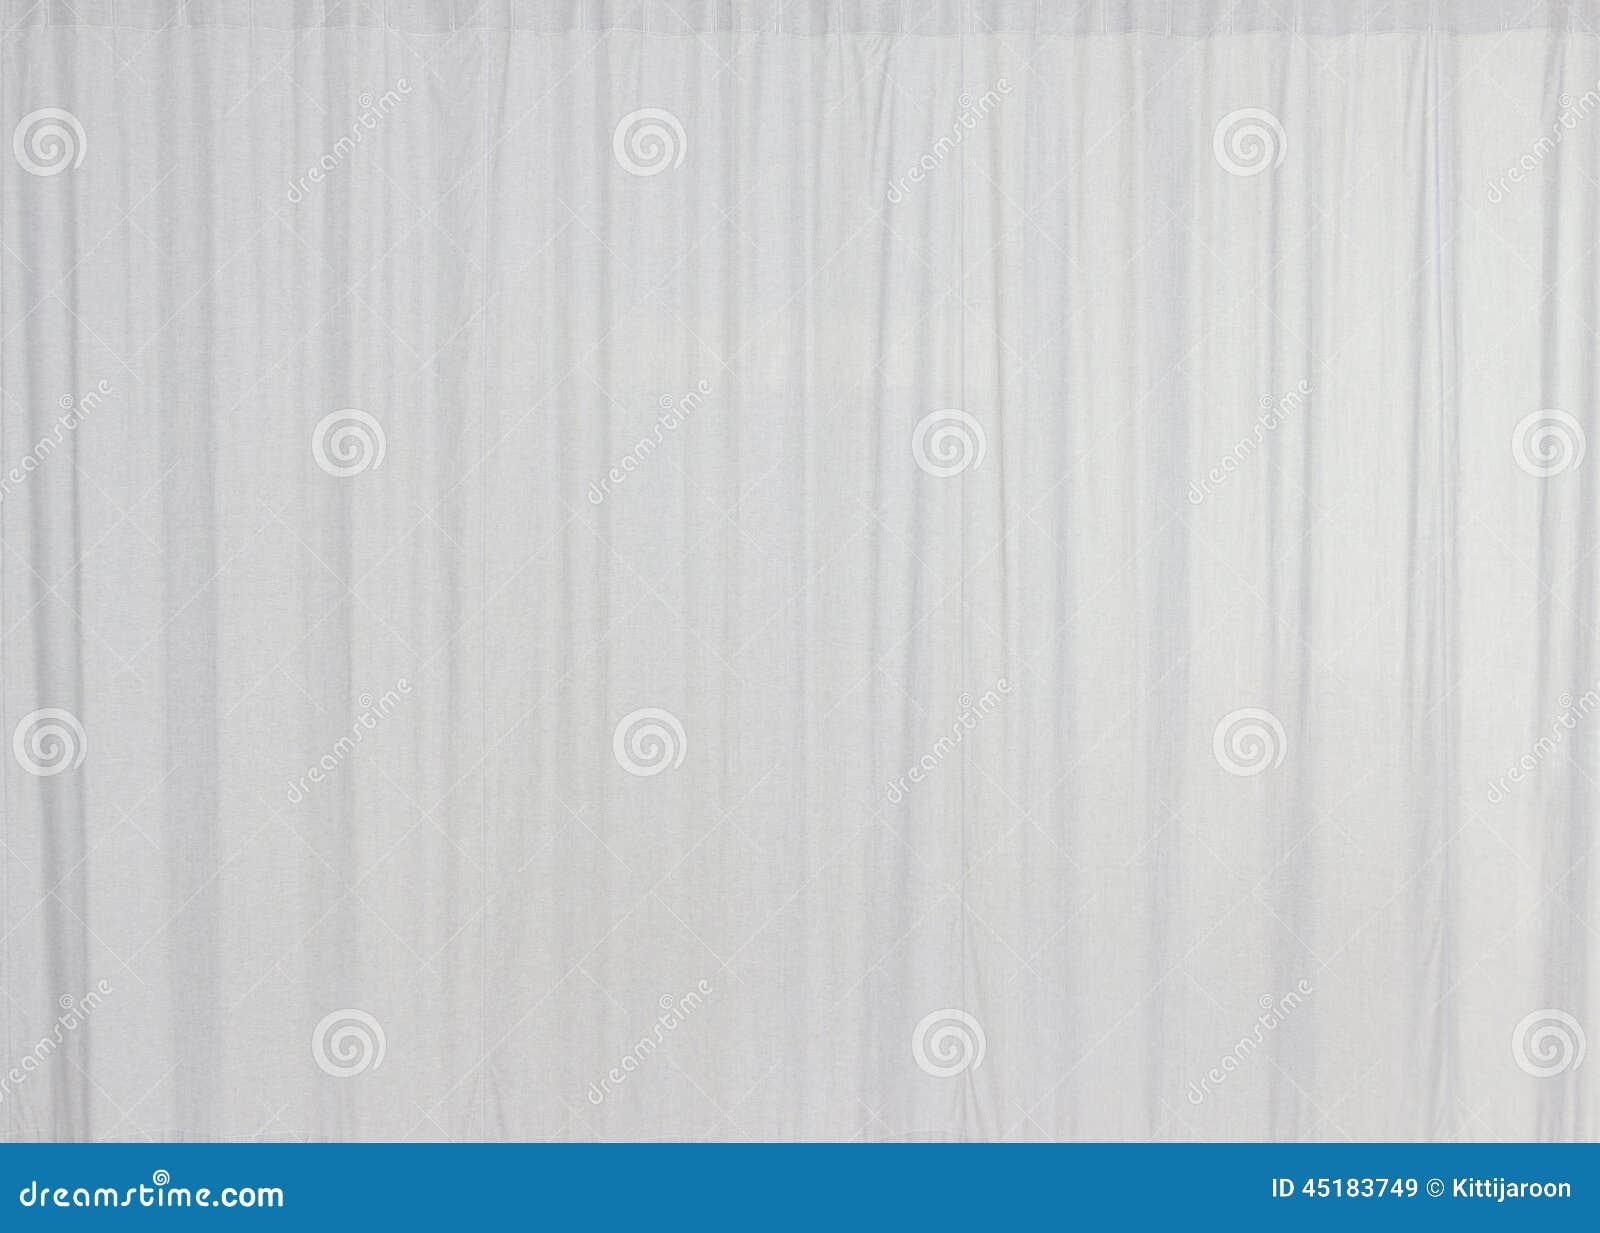 White Curtain Texture